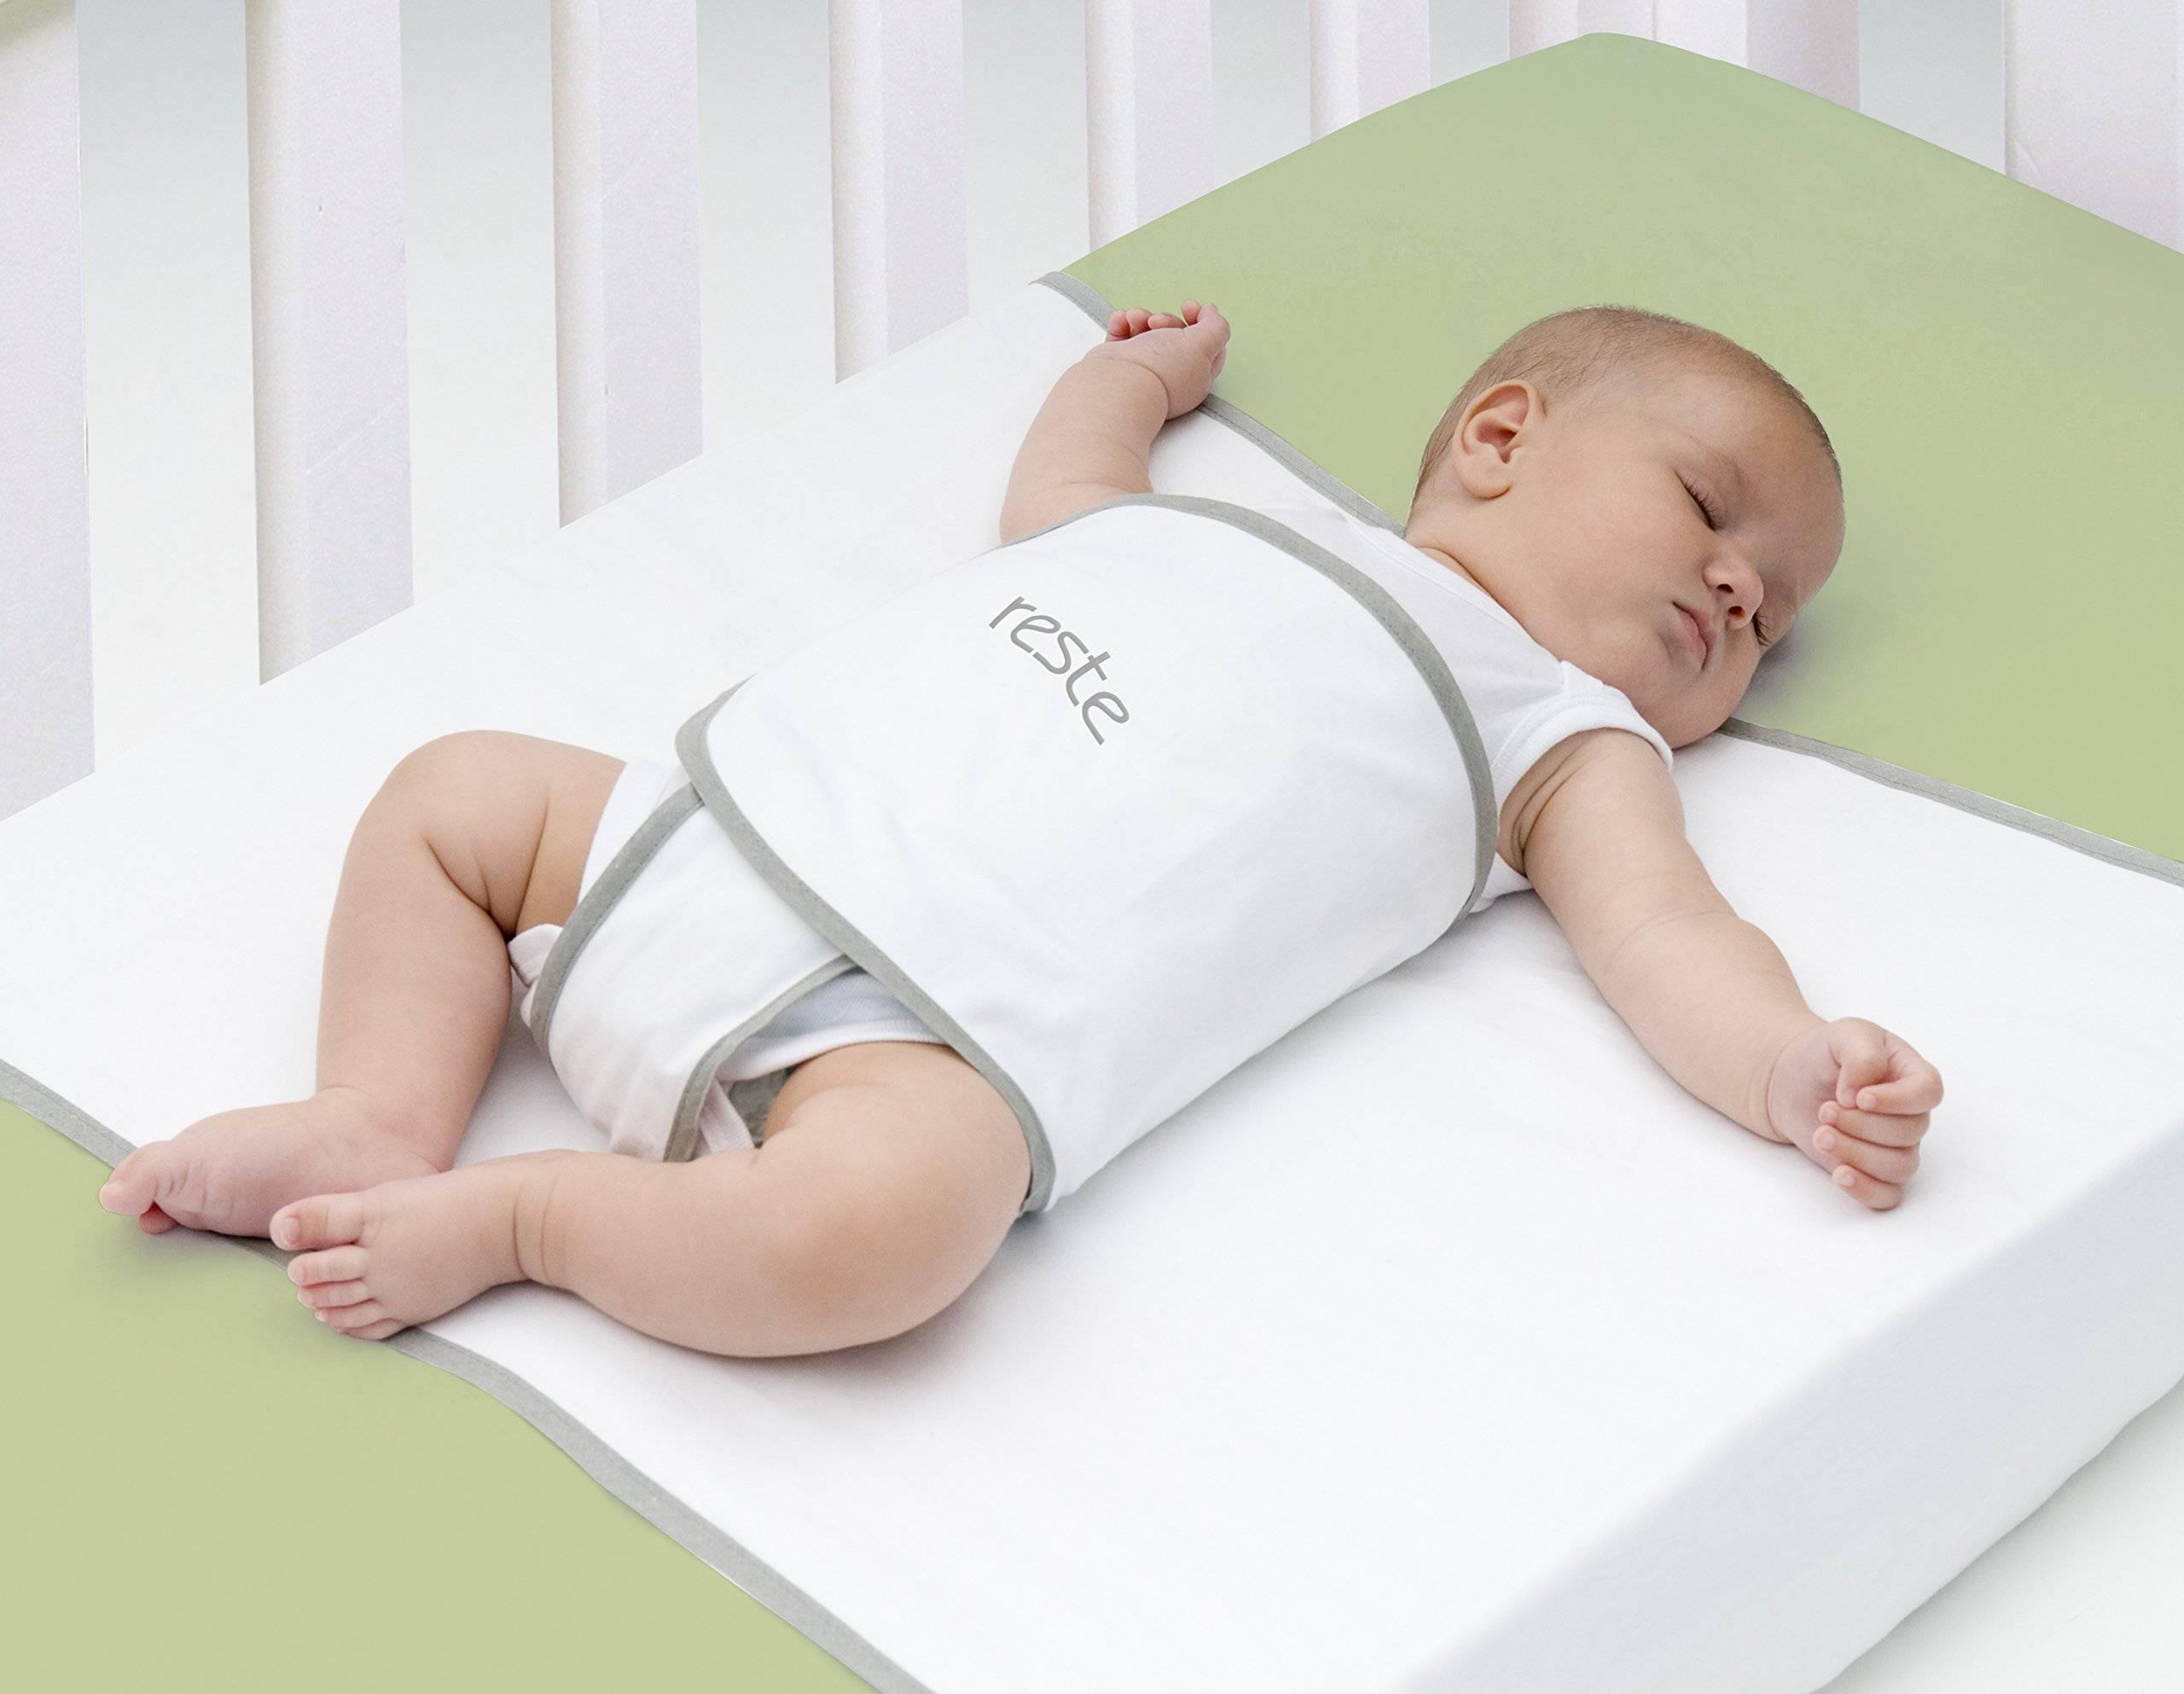 Как должен спать новорожденный, в какой позе правильно укладывать